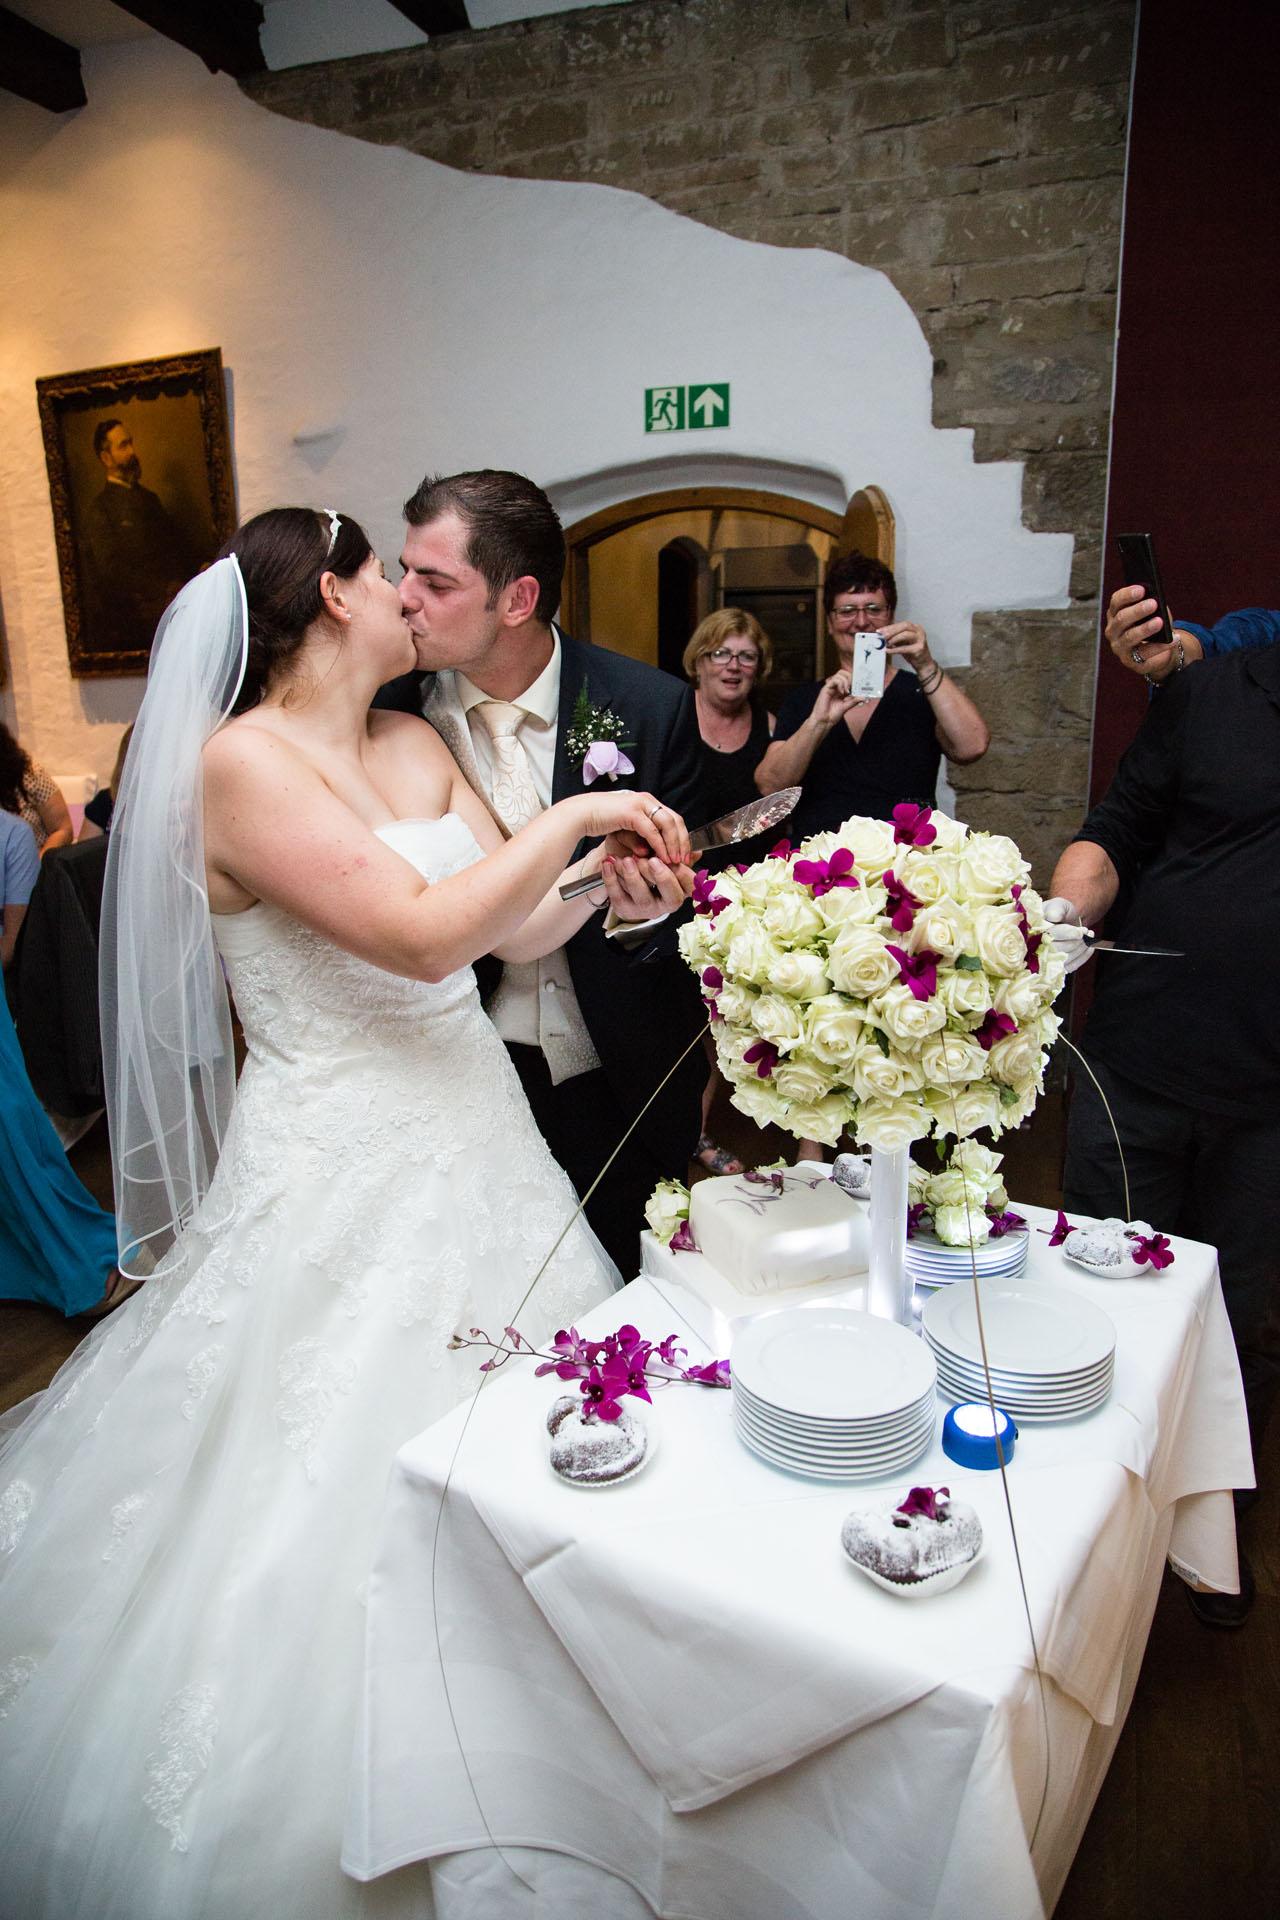 Hochzeitstorte aus Rosen wird angeschnitten